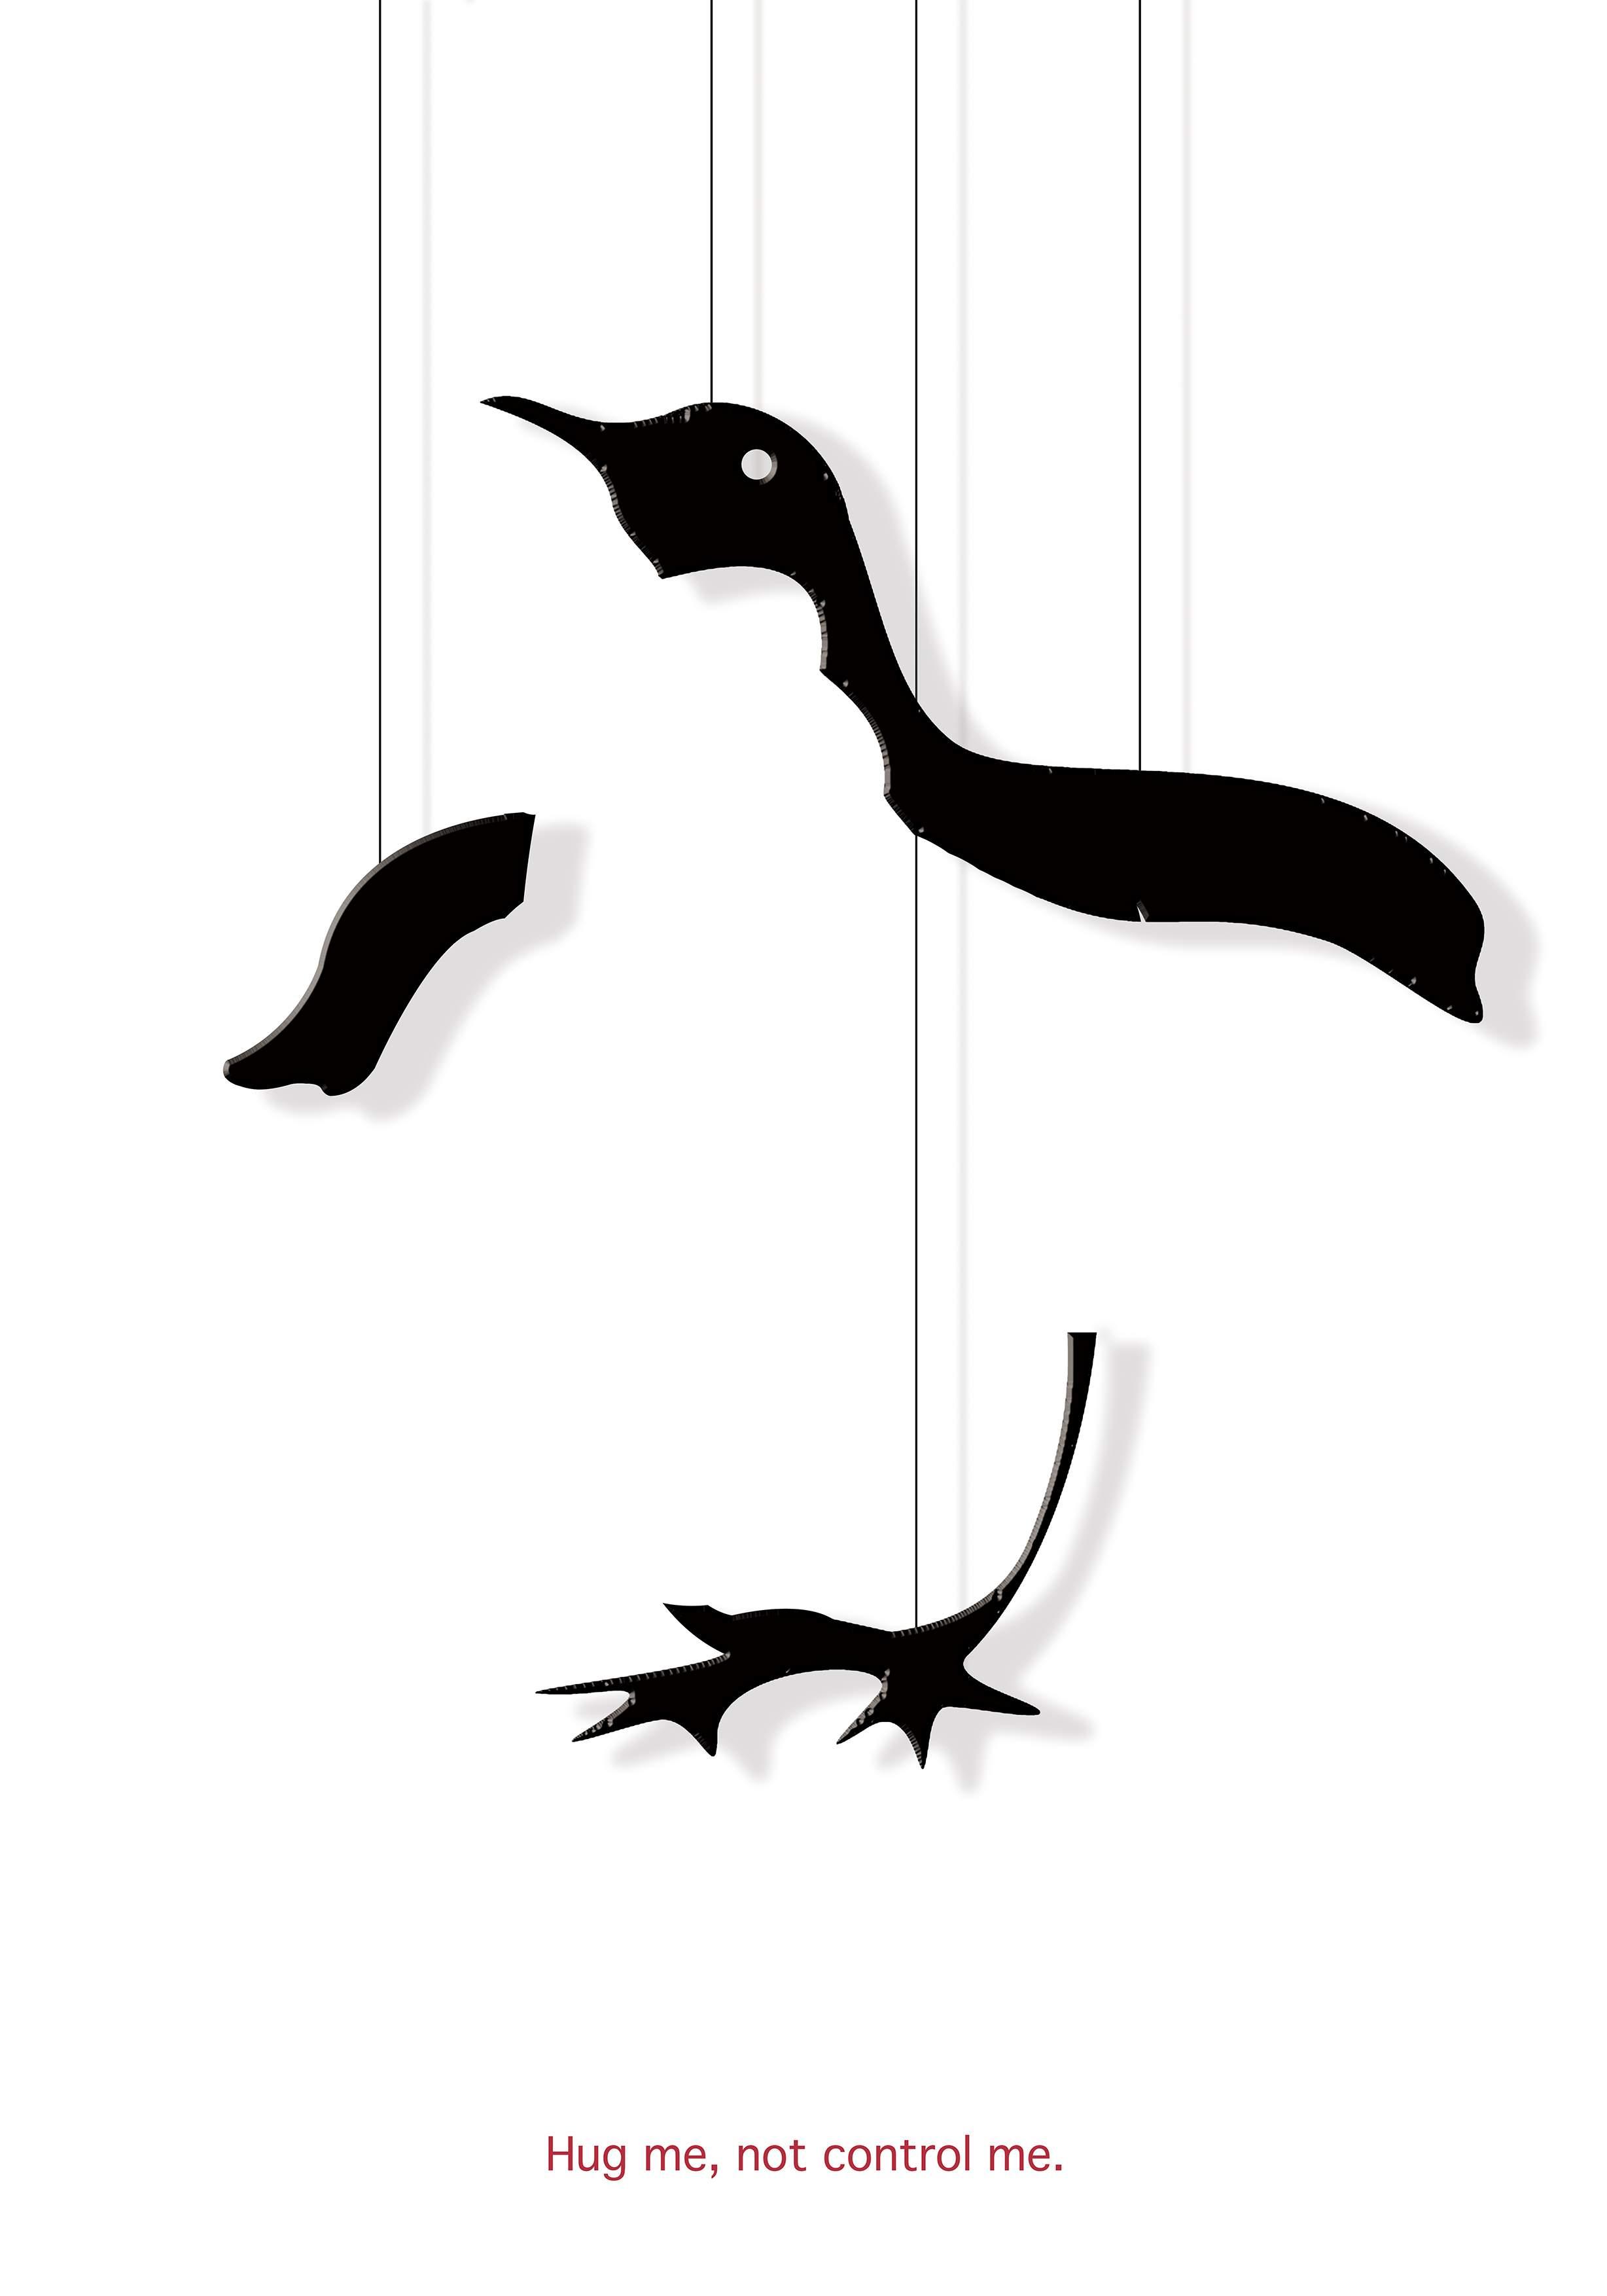 动物为例,并拟通过木偶戏的形式来表现对这种现状的